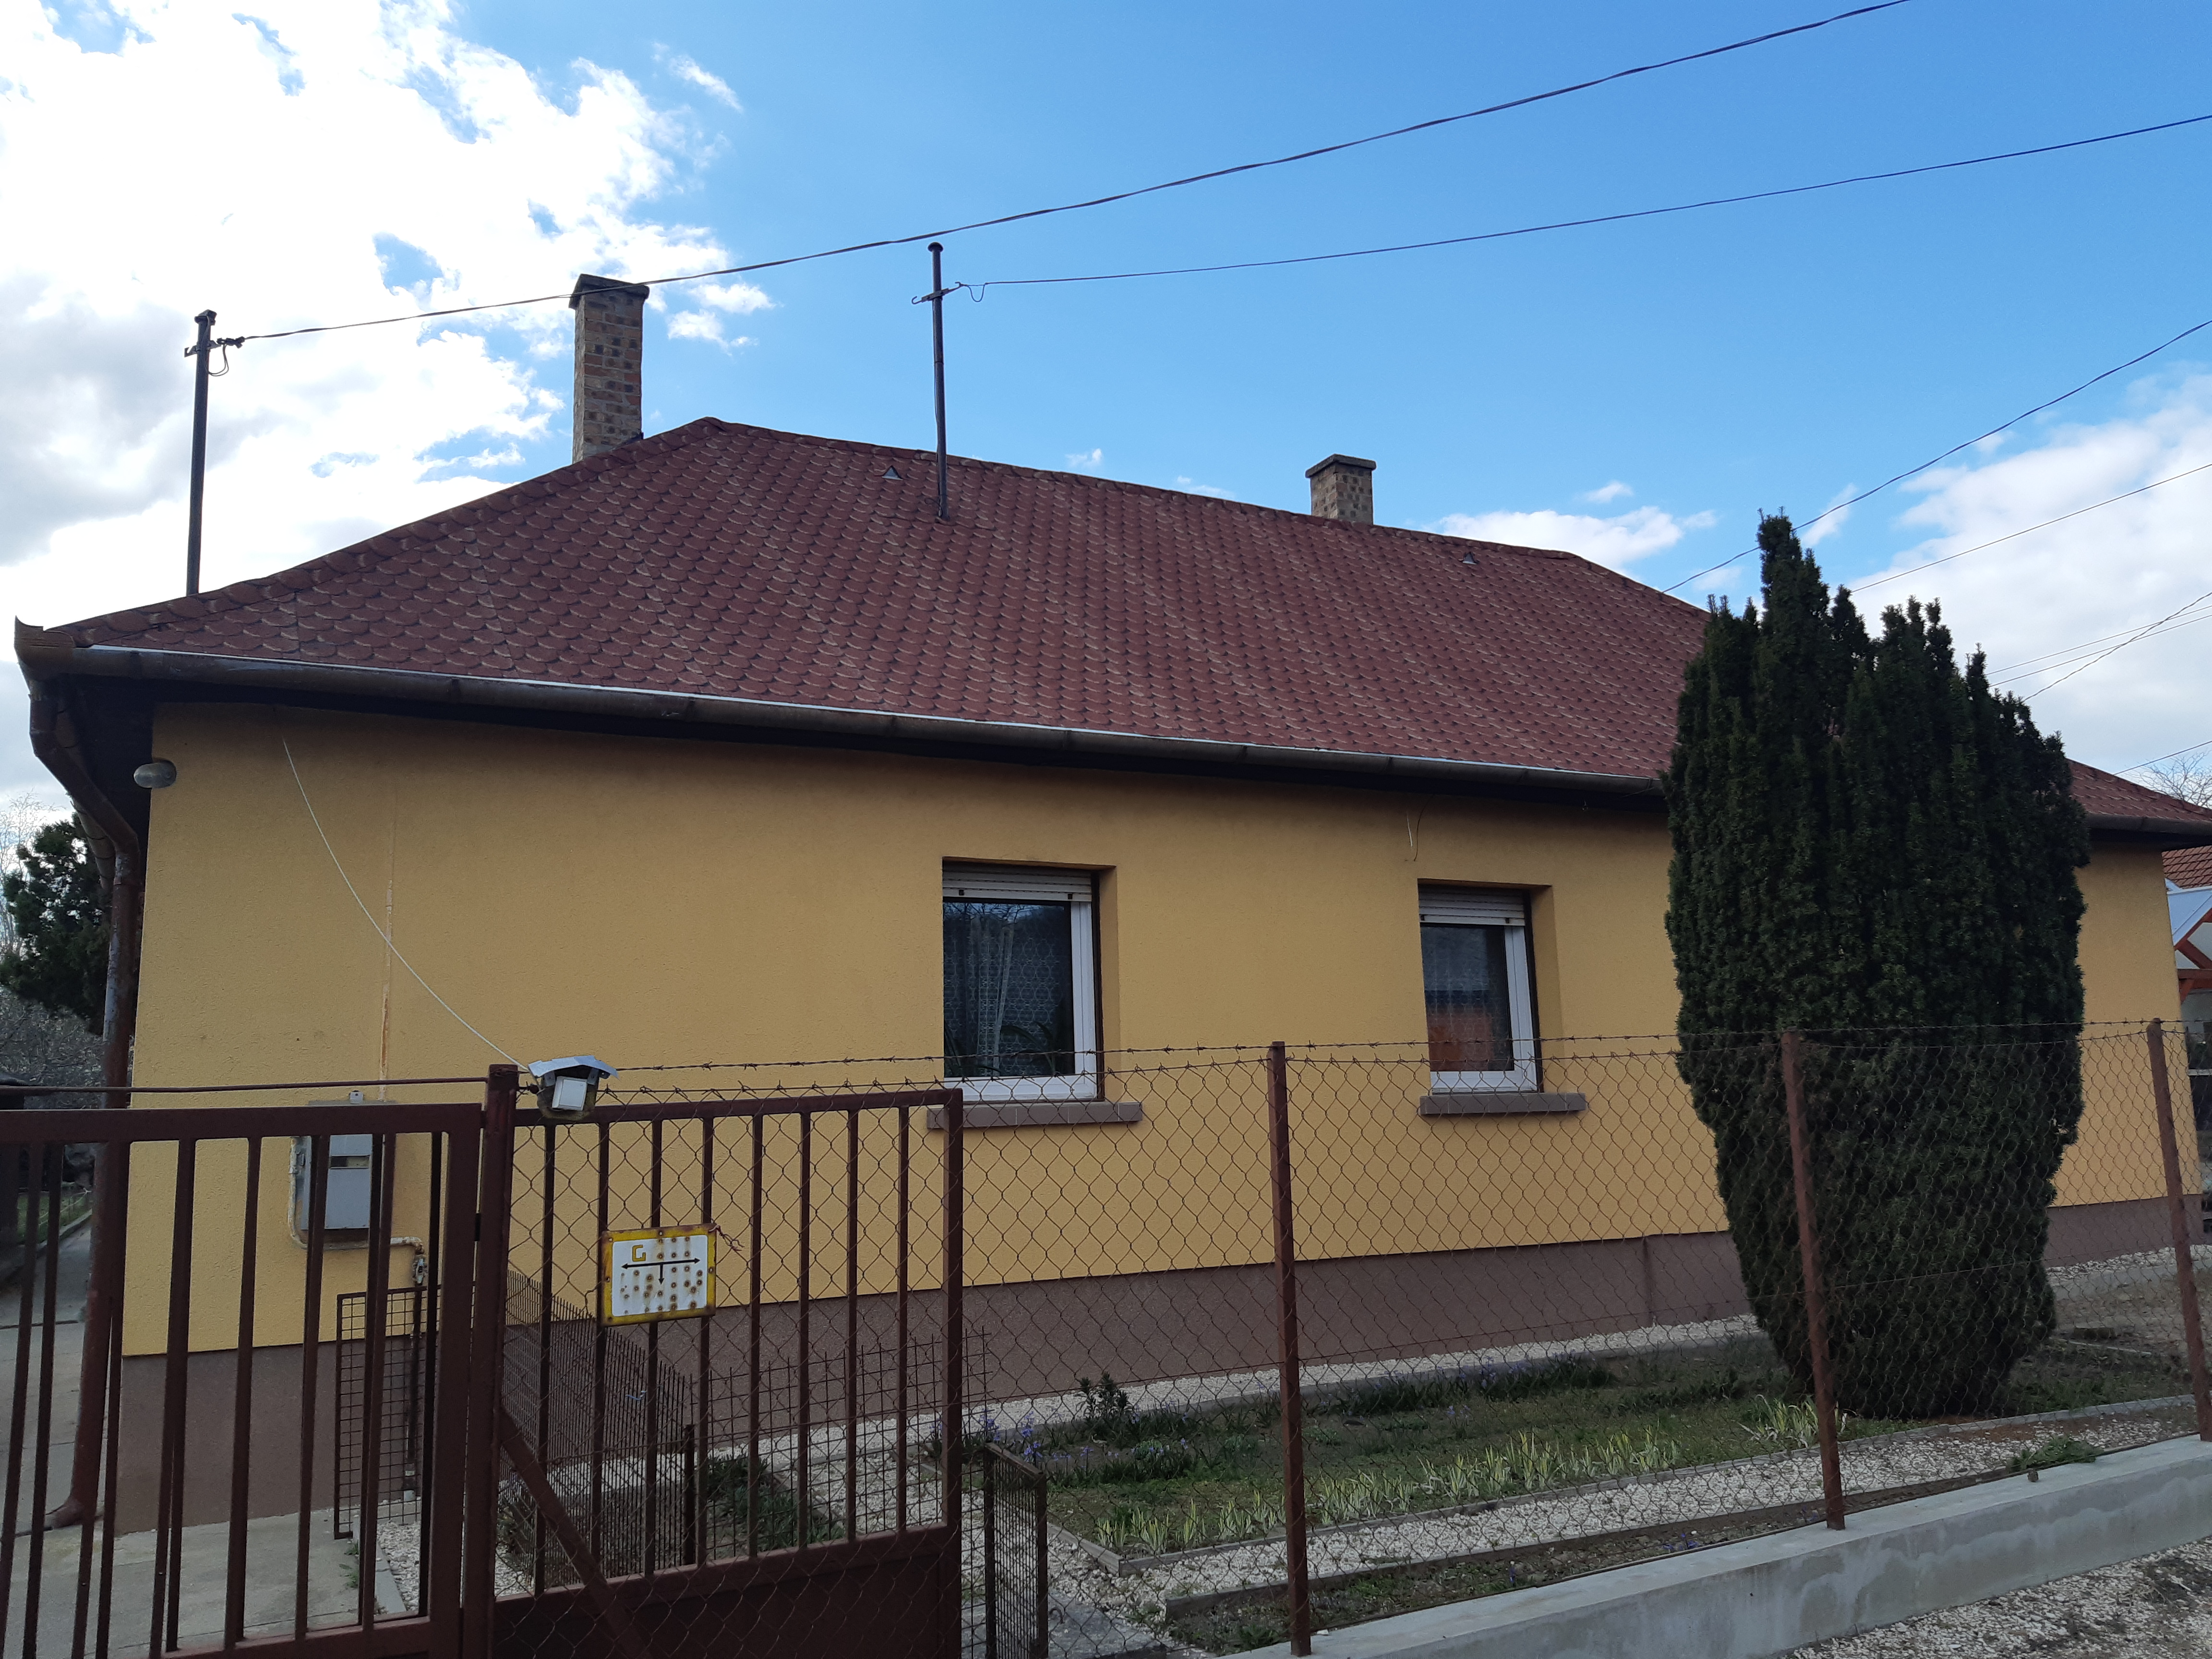 Palatető felújítás Jászboldogháza, palatető szigetelés JászboldogházaTeljes tető felújítása